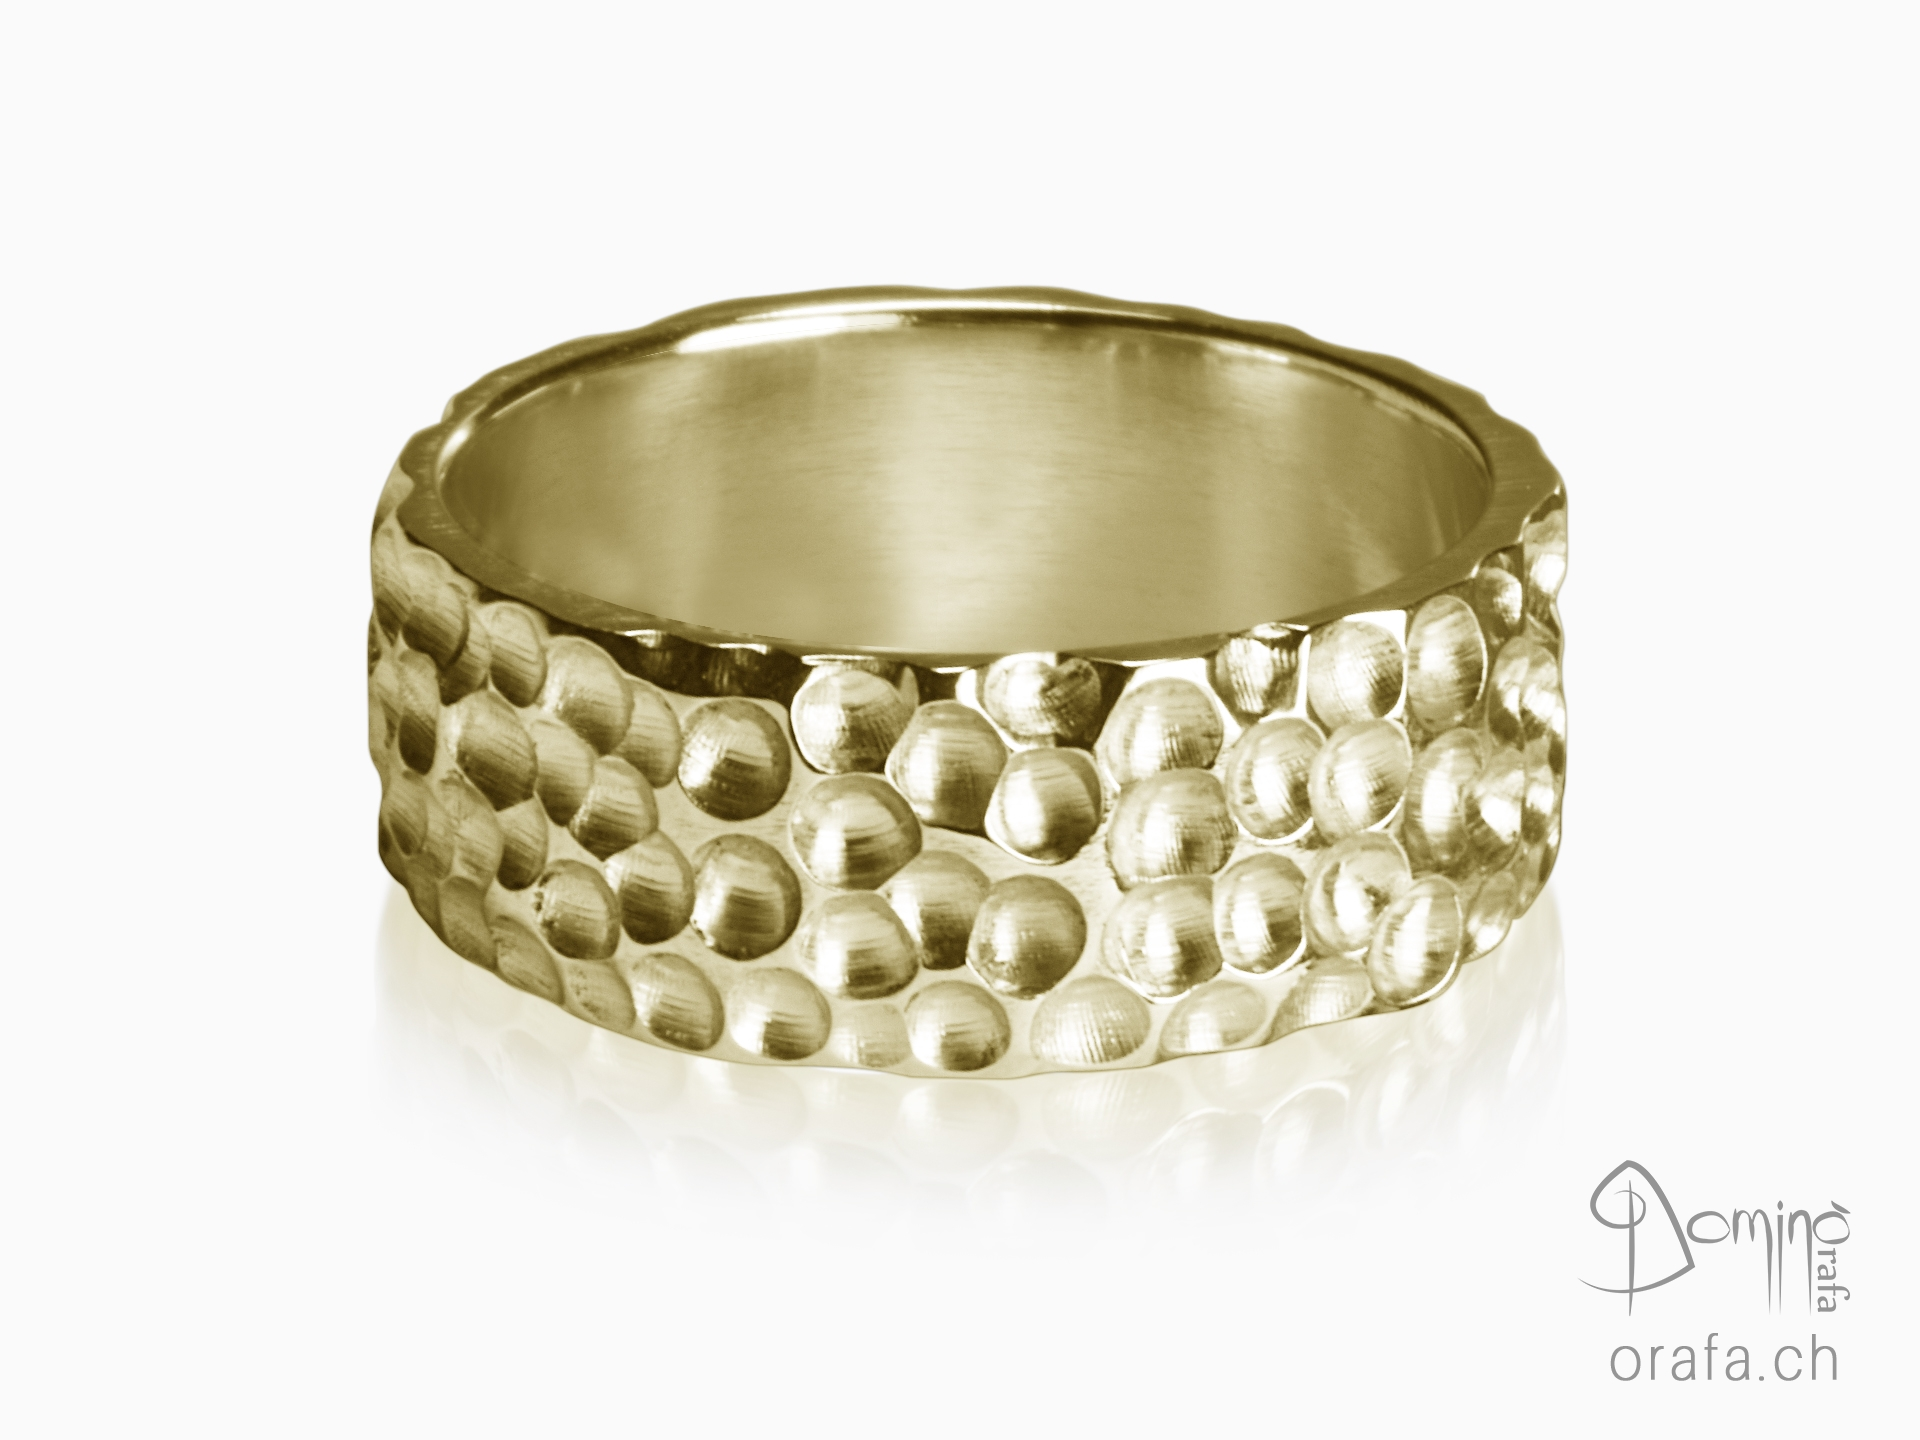 Gocce ring